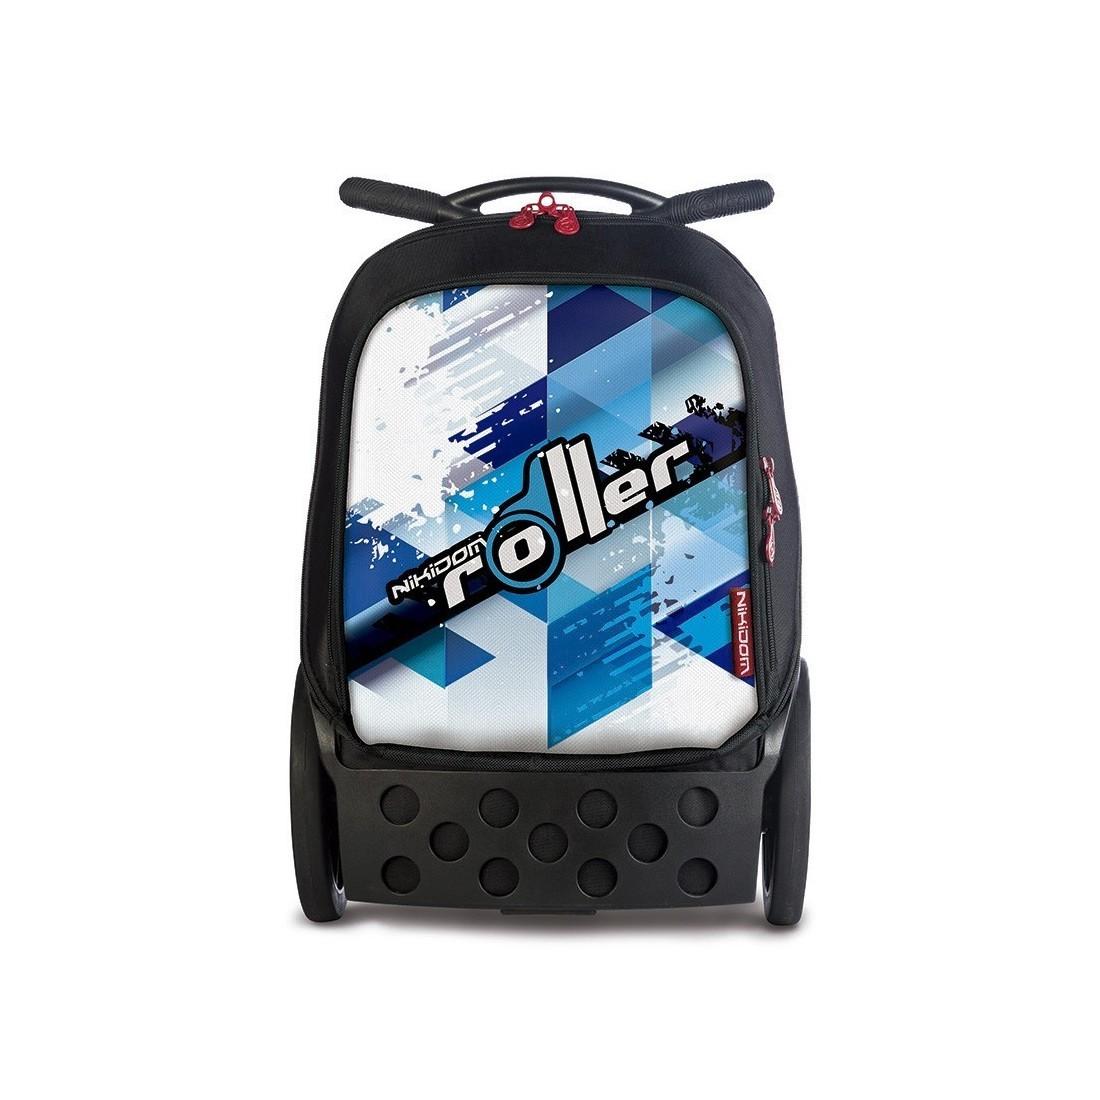 Plecak szkolny na kółkach bez szelek Roller Cool Blue dla chłopaka. - plecak-tornister.pl